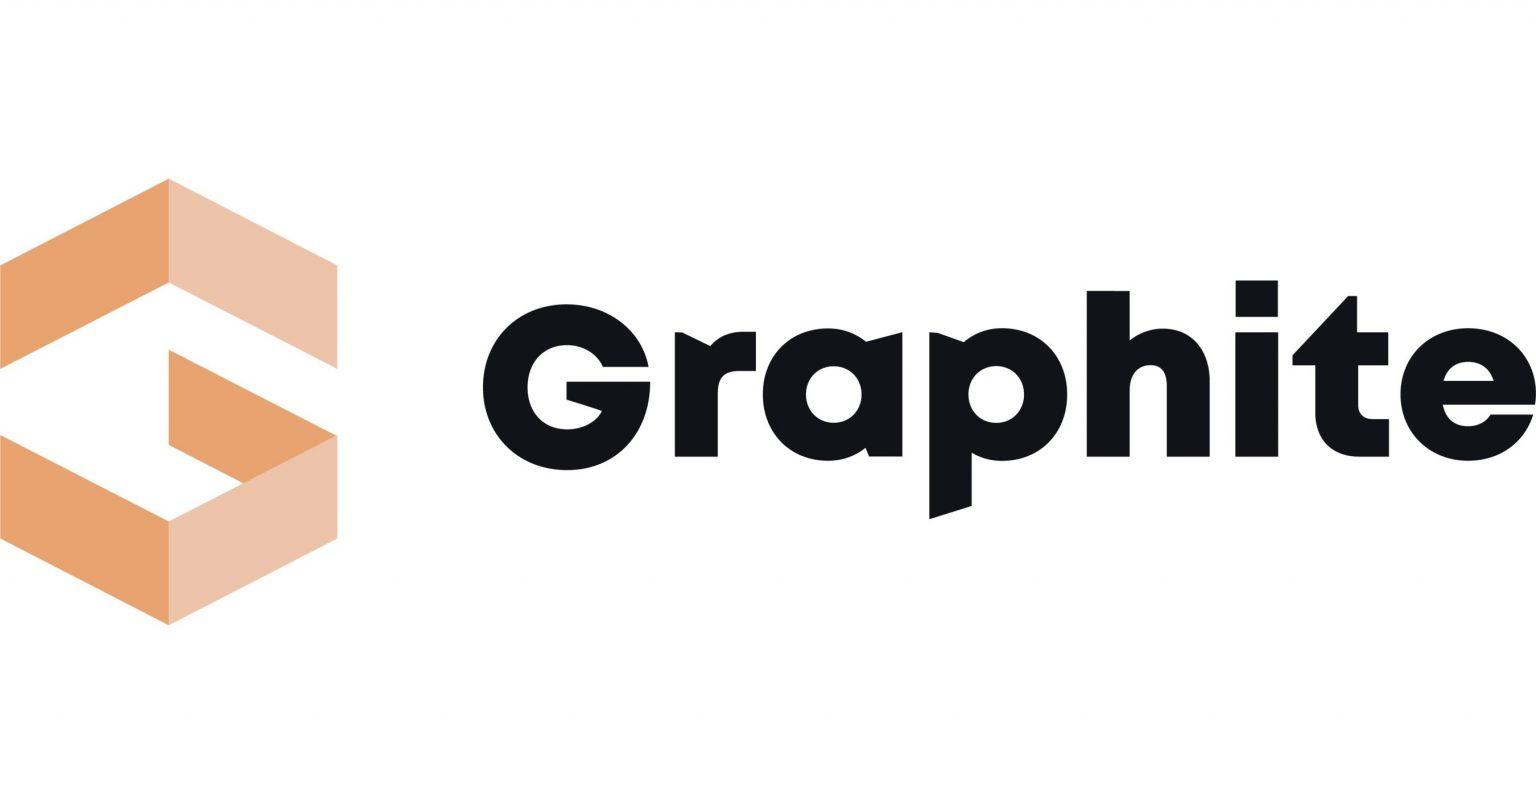 Graphite Raises $15MM to Help Enterprises Build a Remote Workforce